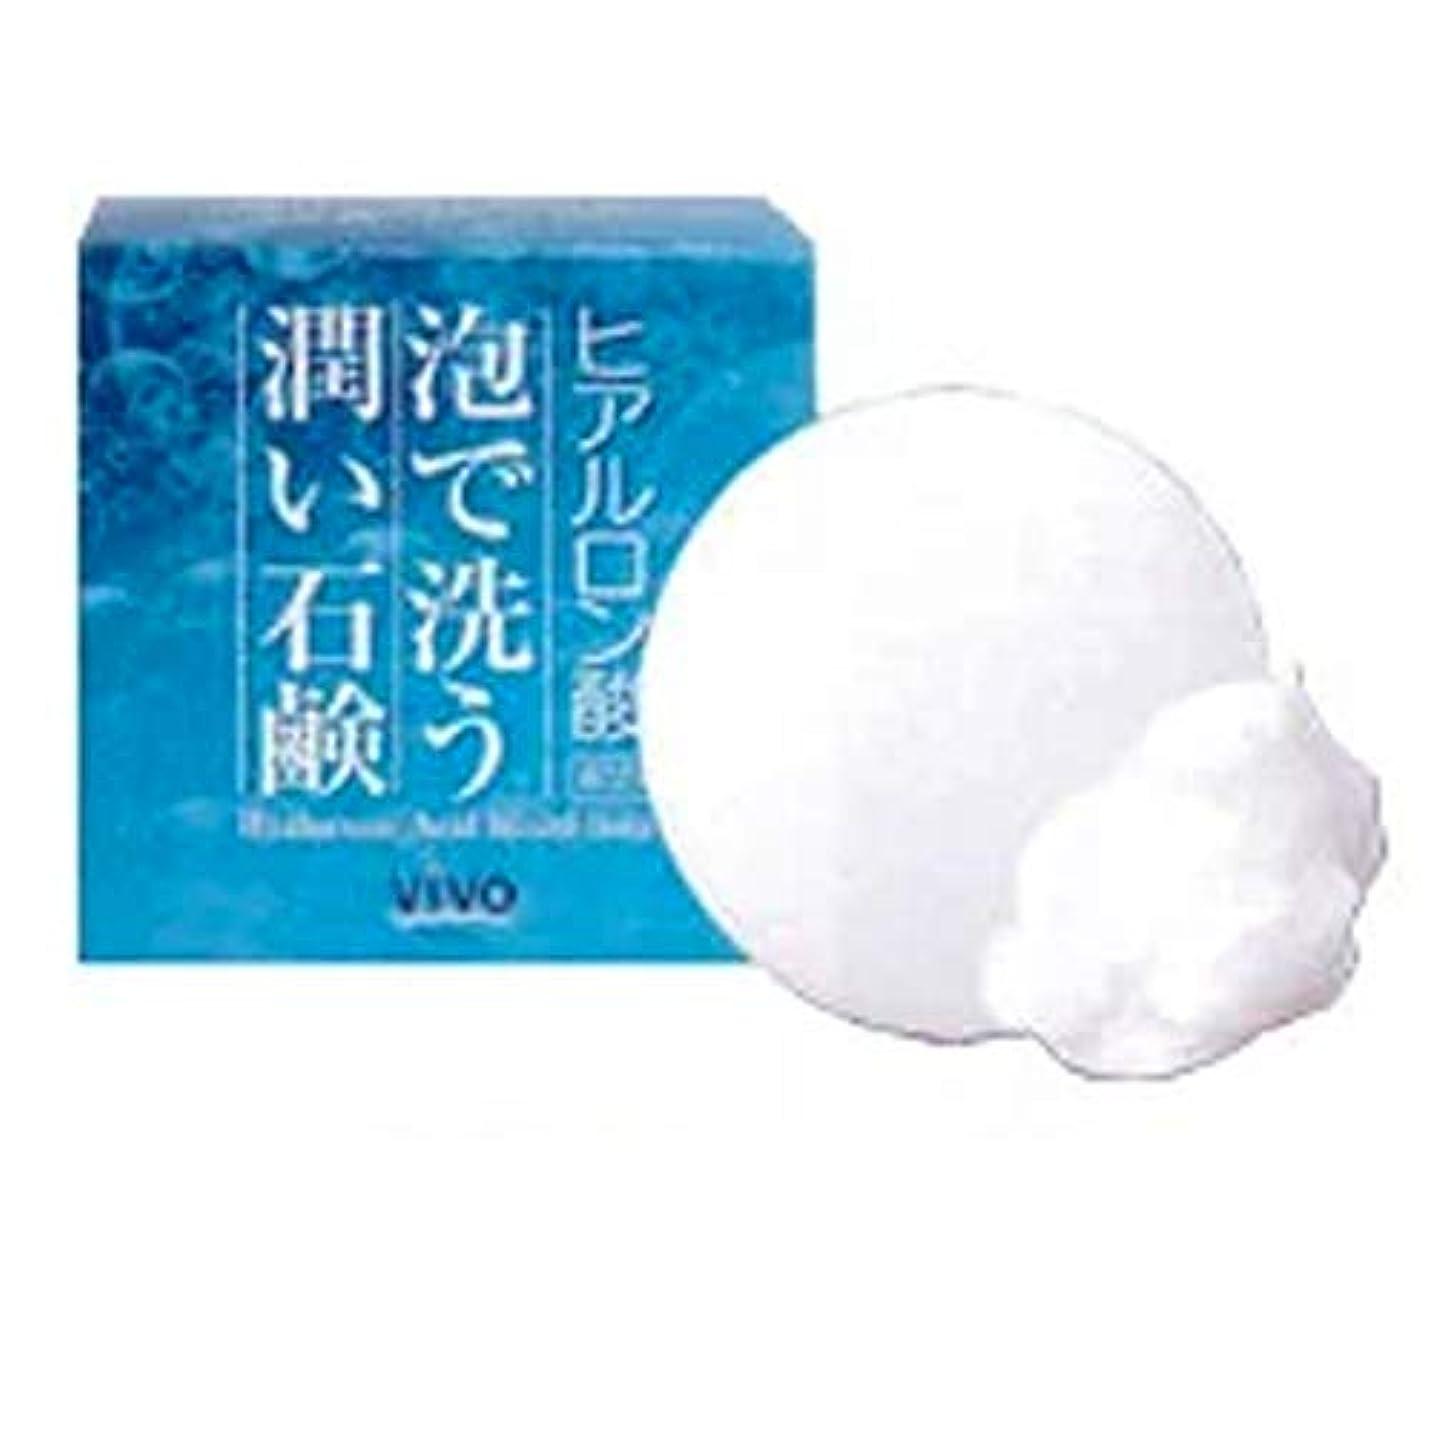 アデレードゴミ箱を空にするピンクBella Vivo ヒアルロン酸洗顔石鹸 3個セット